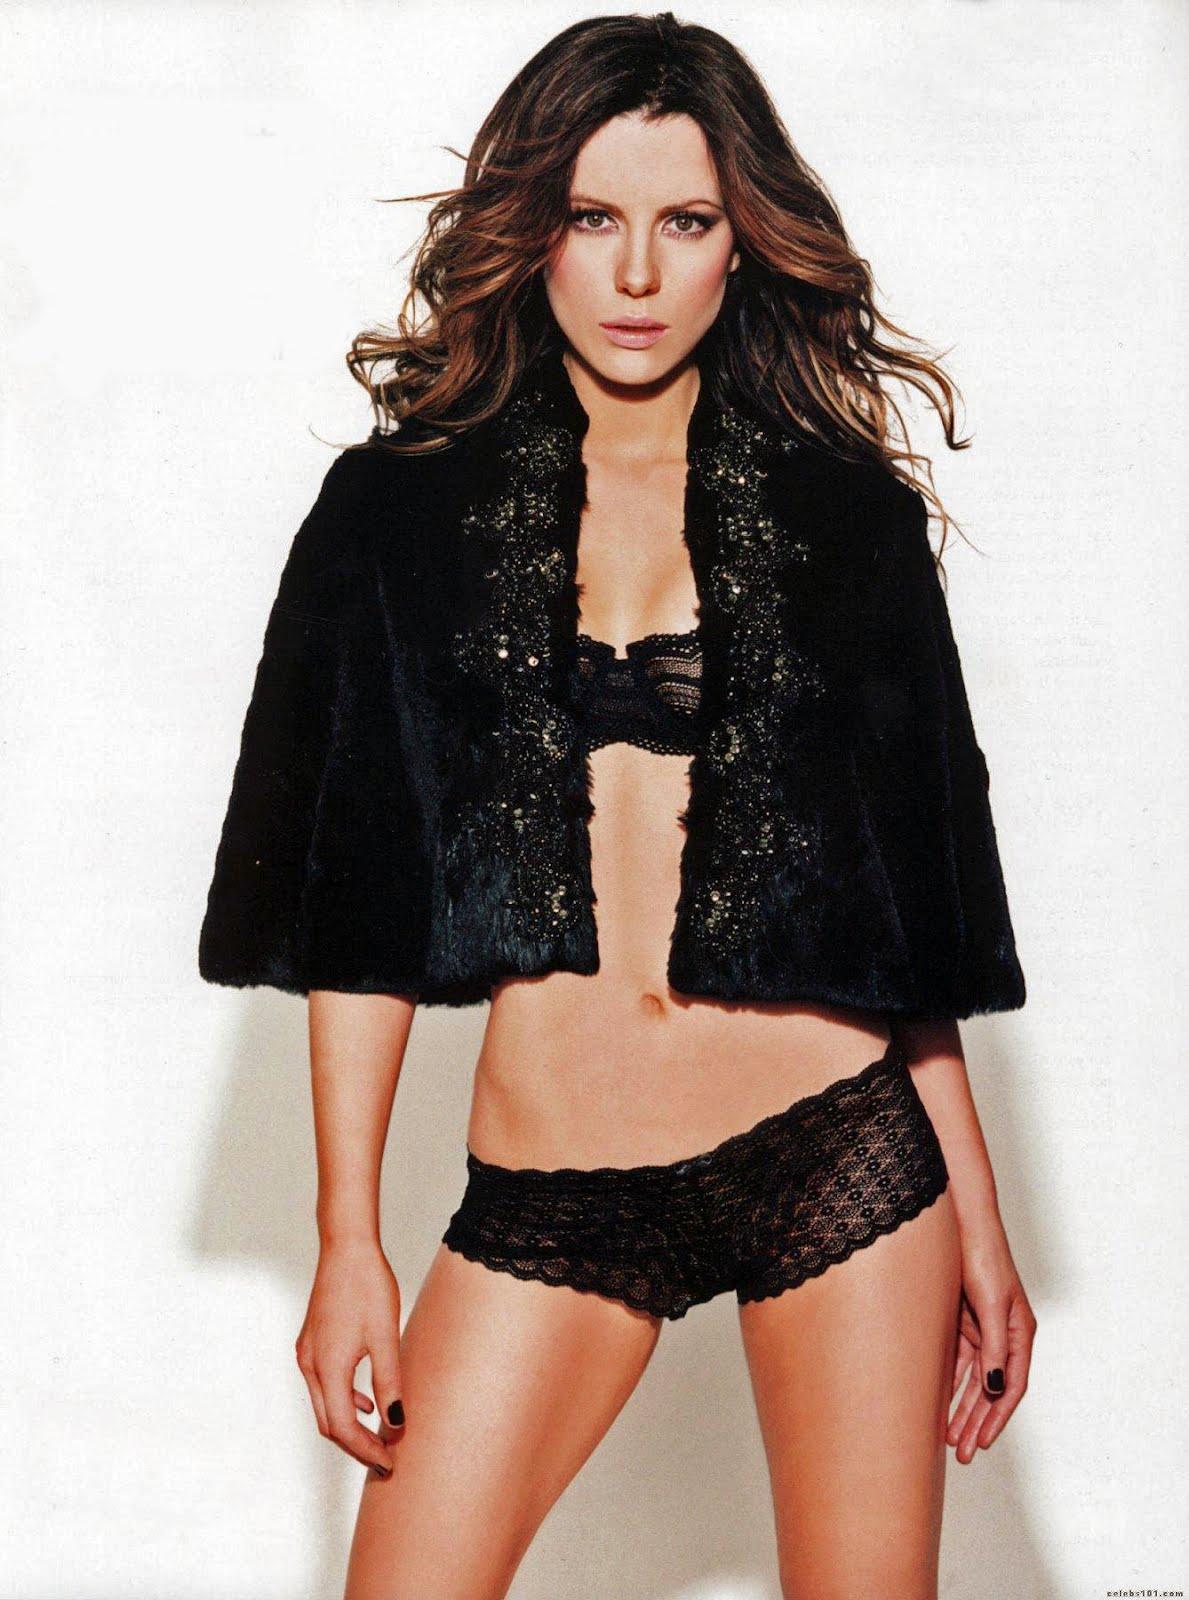 http://2.bp.blogspot.com/-M2ri005mlI4/Txb-6I352dI/AAAAAAAAAks/Q4NGhzDSTzI/s1600/Kate-Beckinsale-Black-Panties-hot-2012-02.jpg